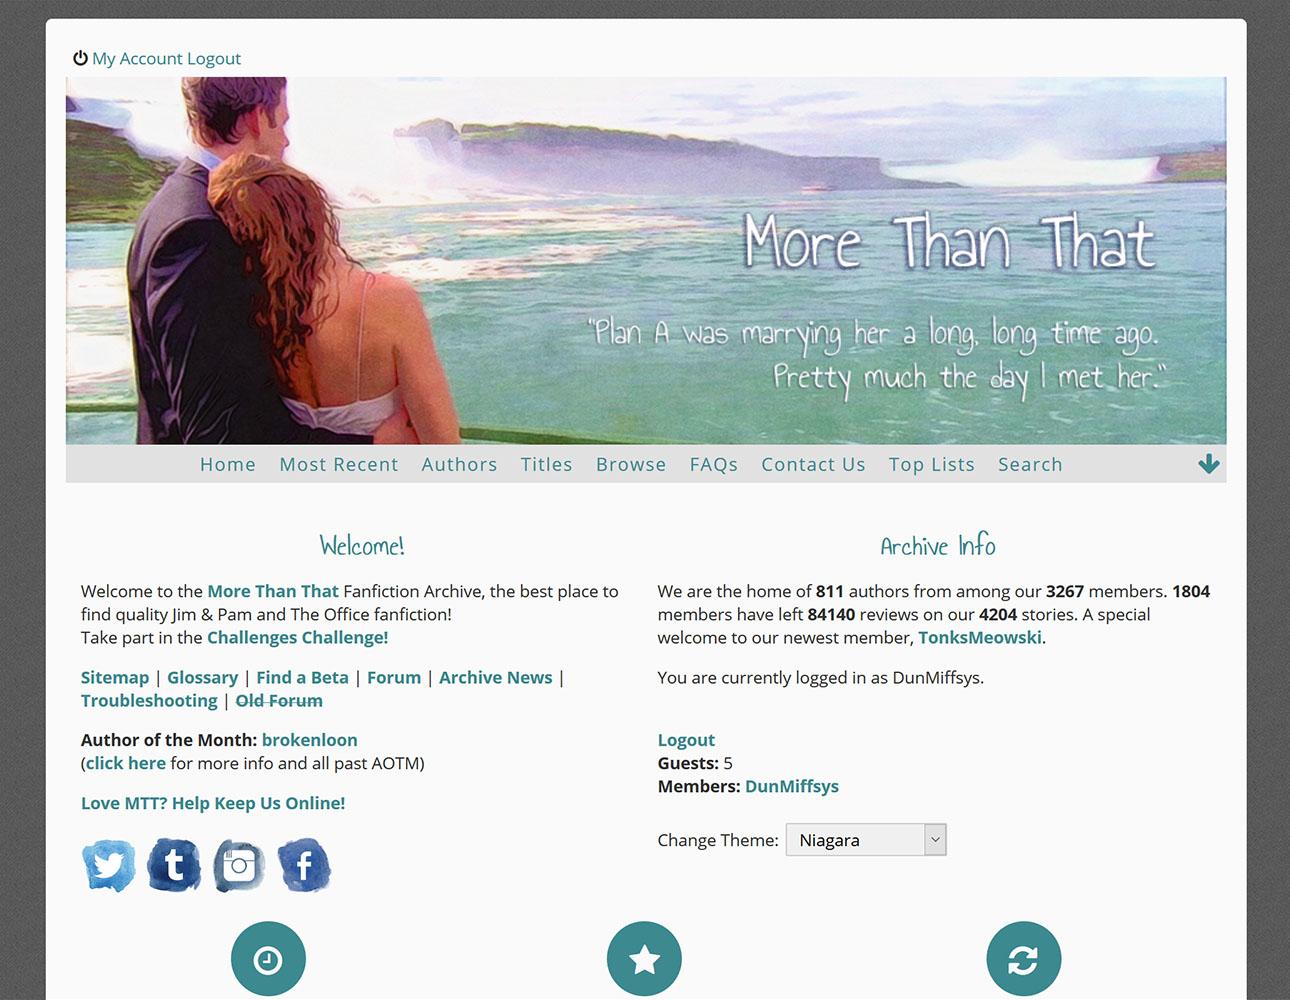 Niagara - desktop preview